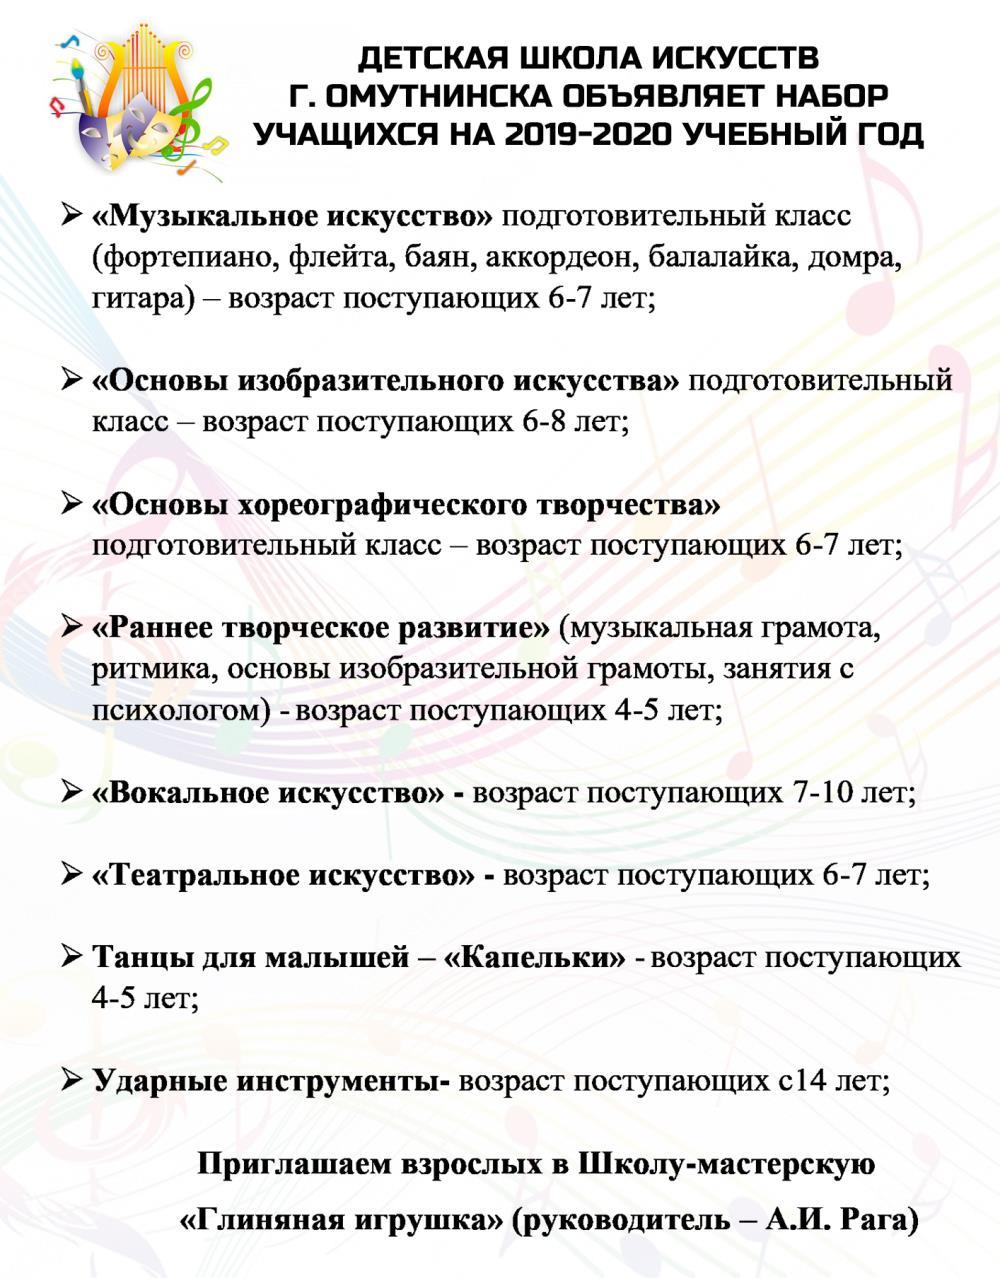 Детская школа искусств г. Омутнинска объявляет набор учащихся на 2019-2020 учебный год